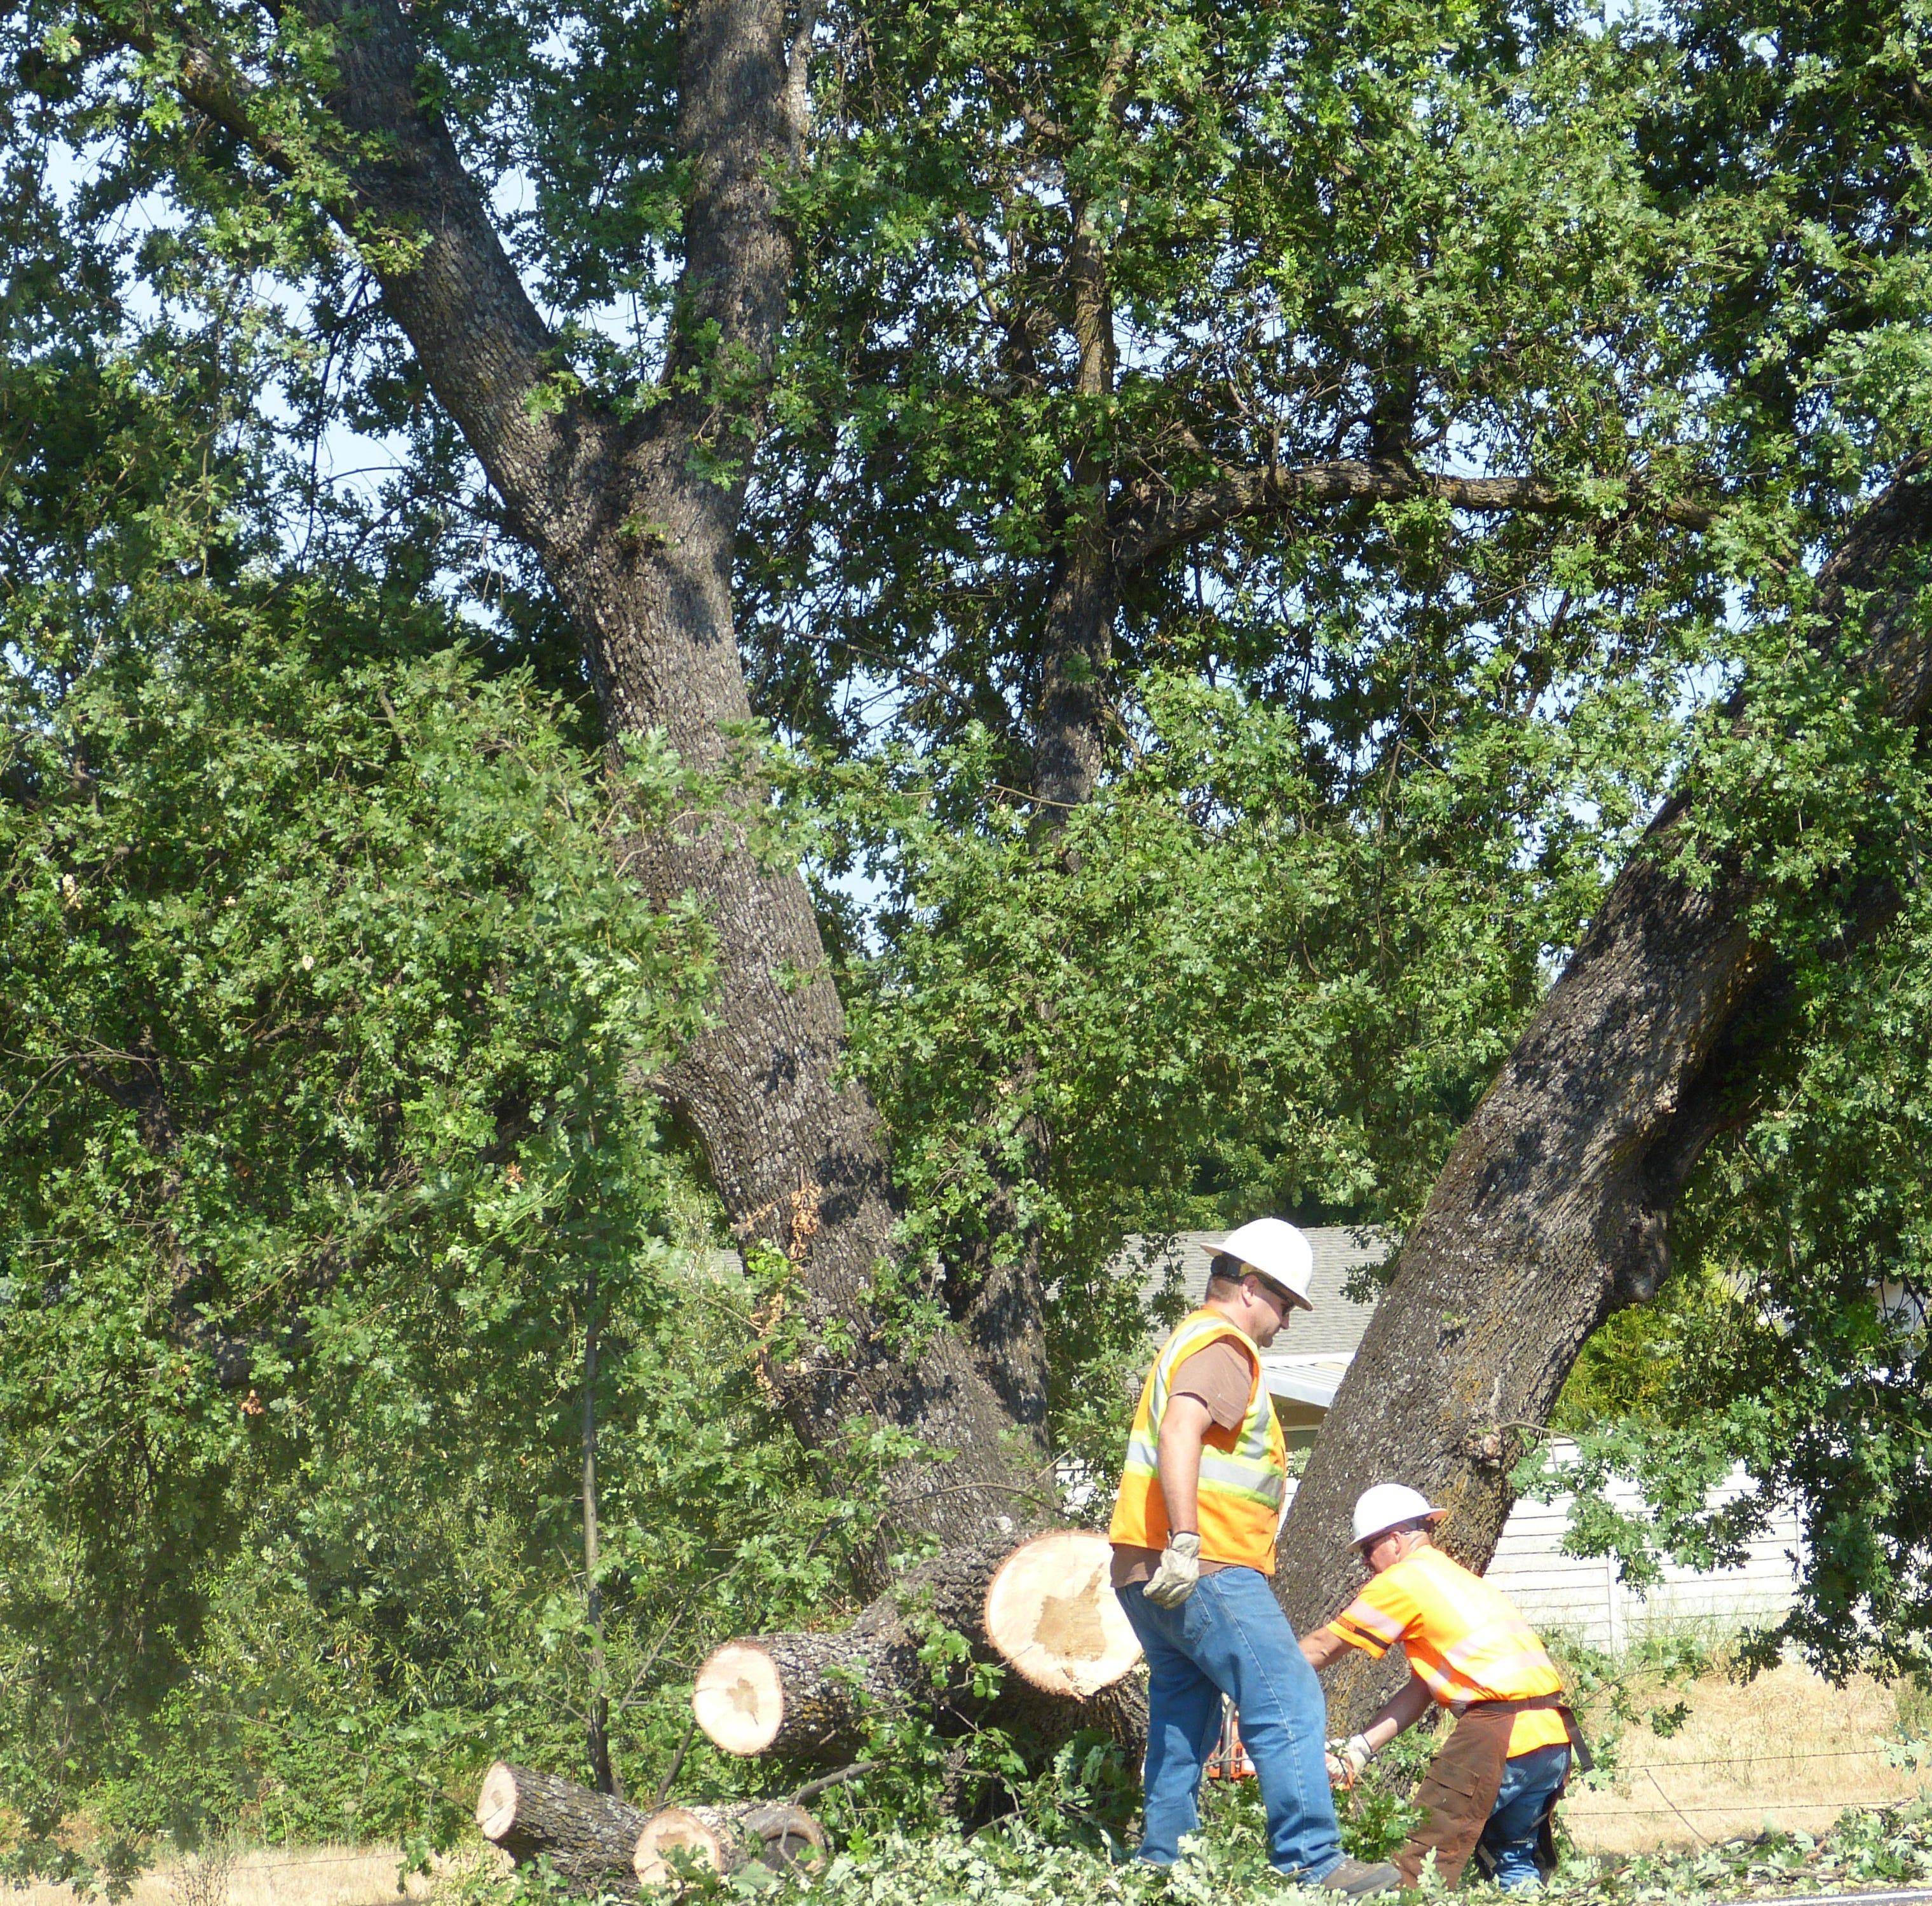 UPDATE: Lanes open after oak tree falls on I-5